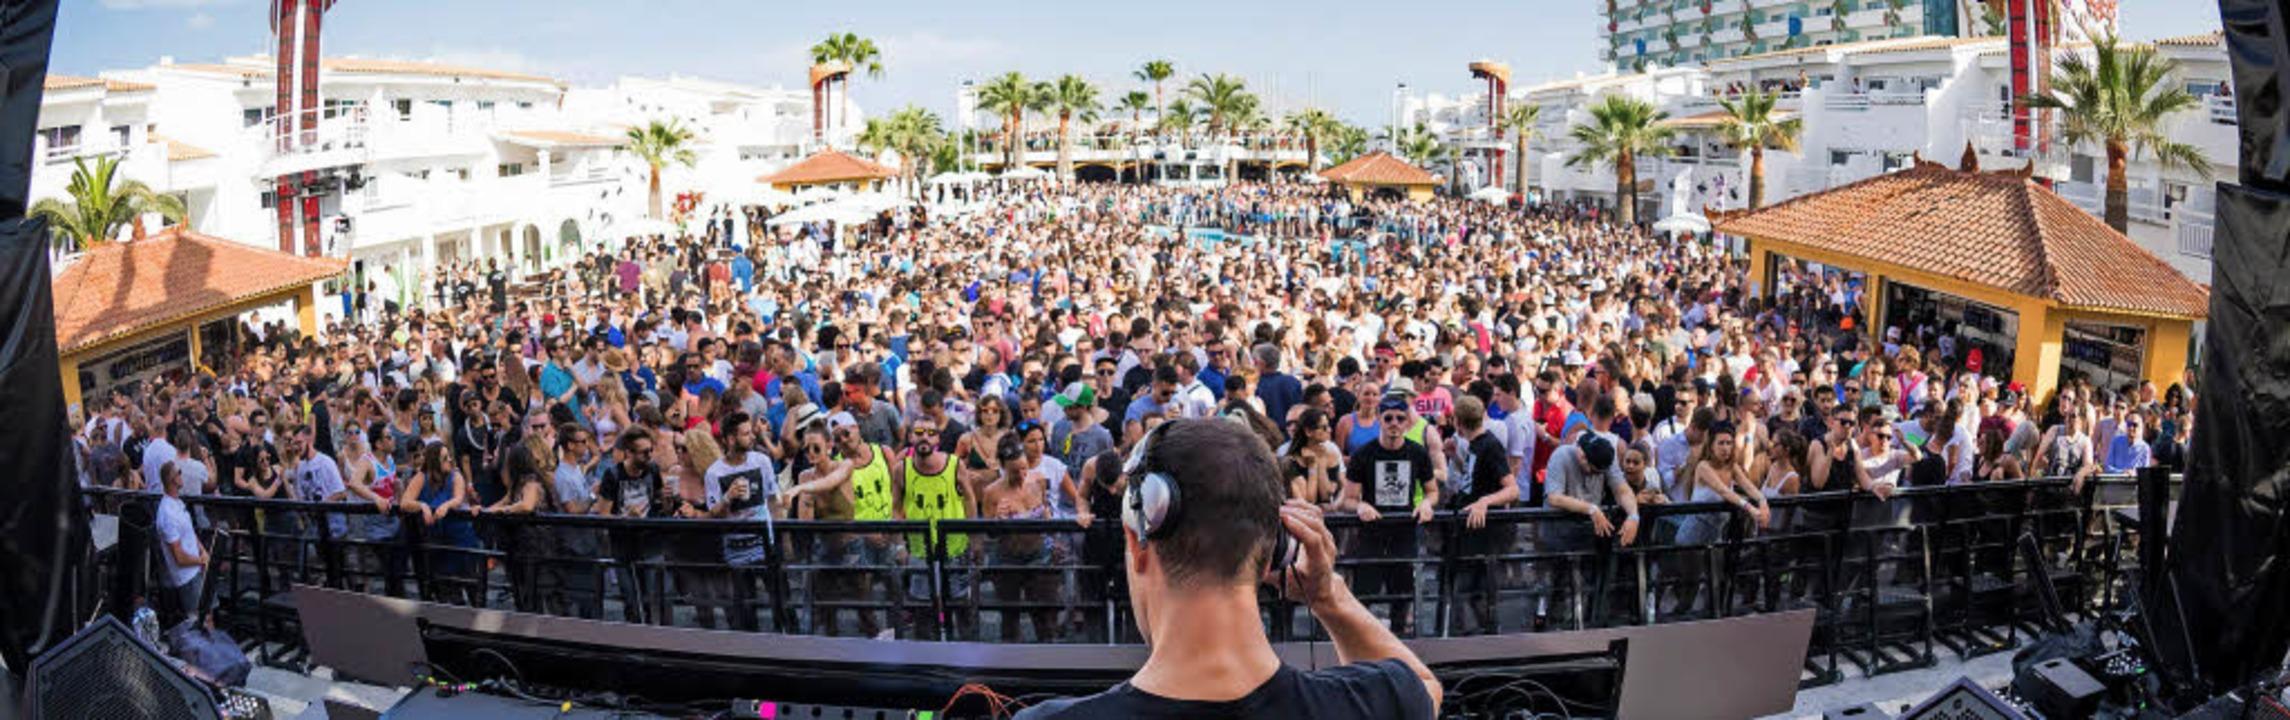 Nicht jedermanns Sache: Party in einem der vielen Clubs auf  Ibiza.   | Foto: dpa (3)